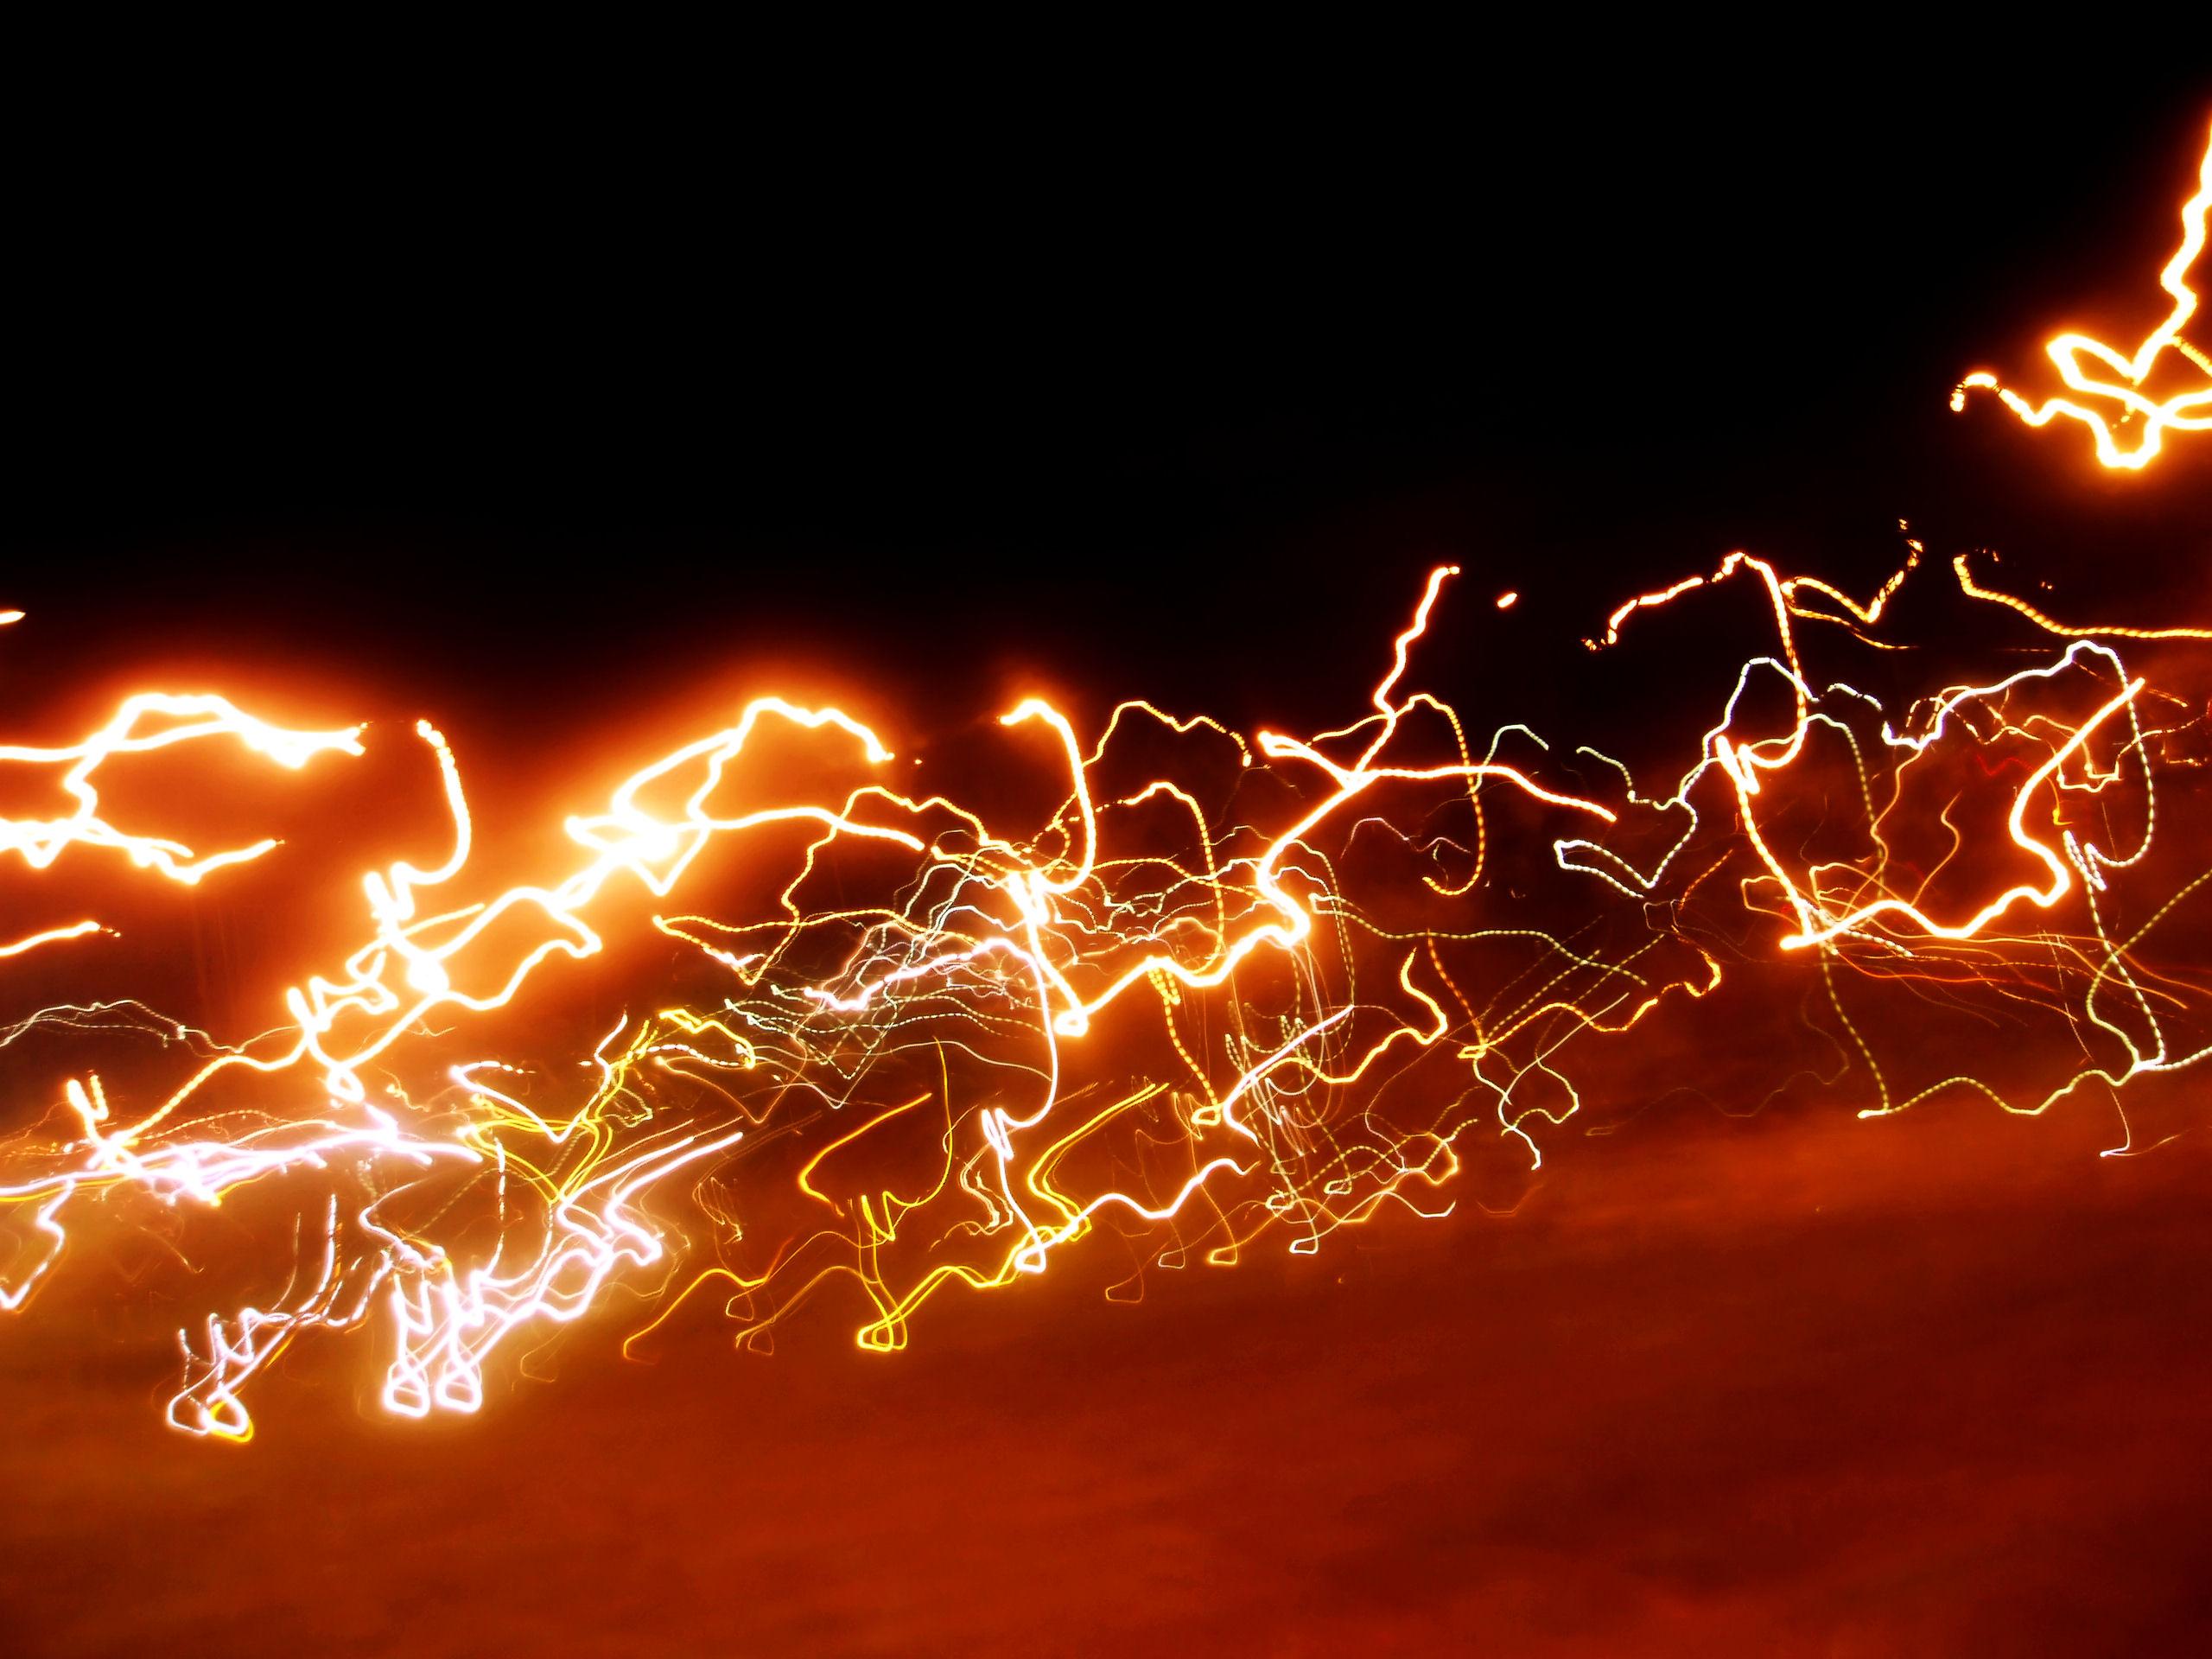 Imagenes De Amor Con Efectos: File:Luz En Movimiento.jpg